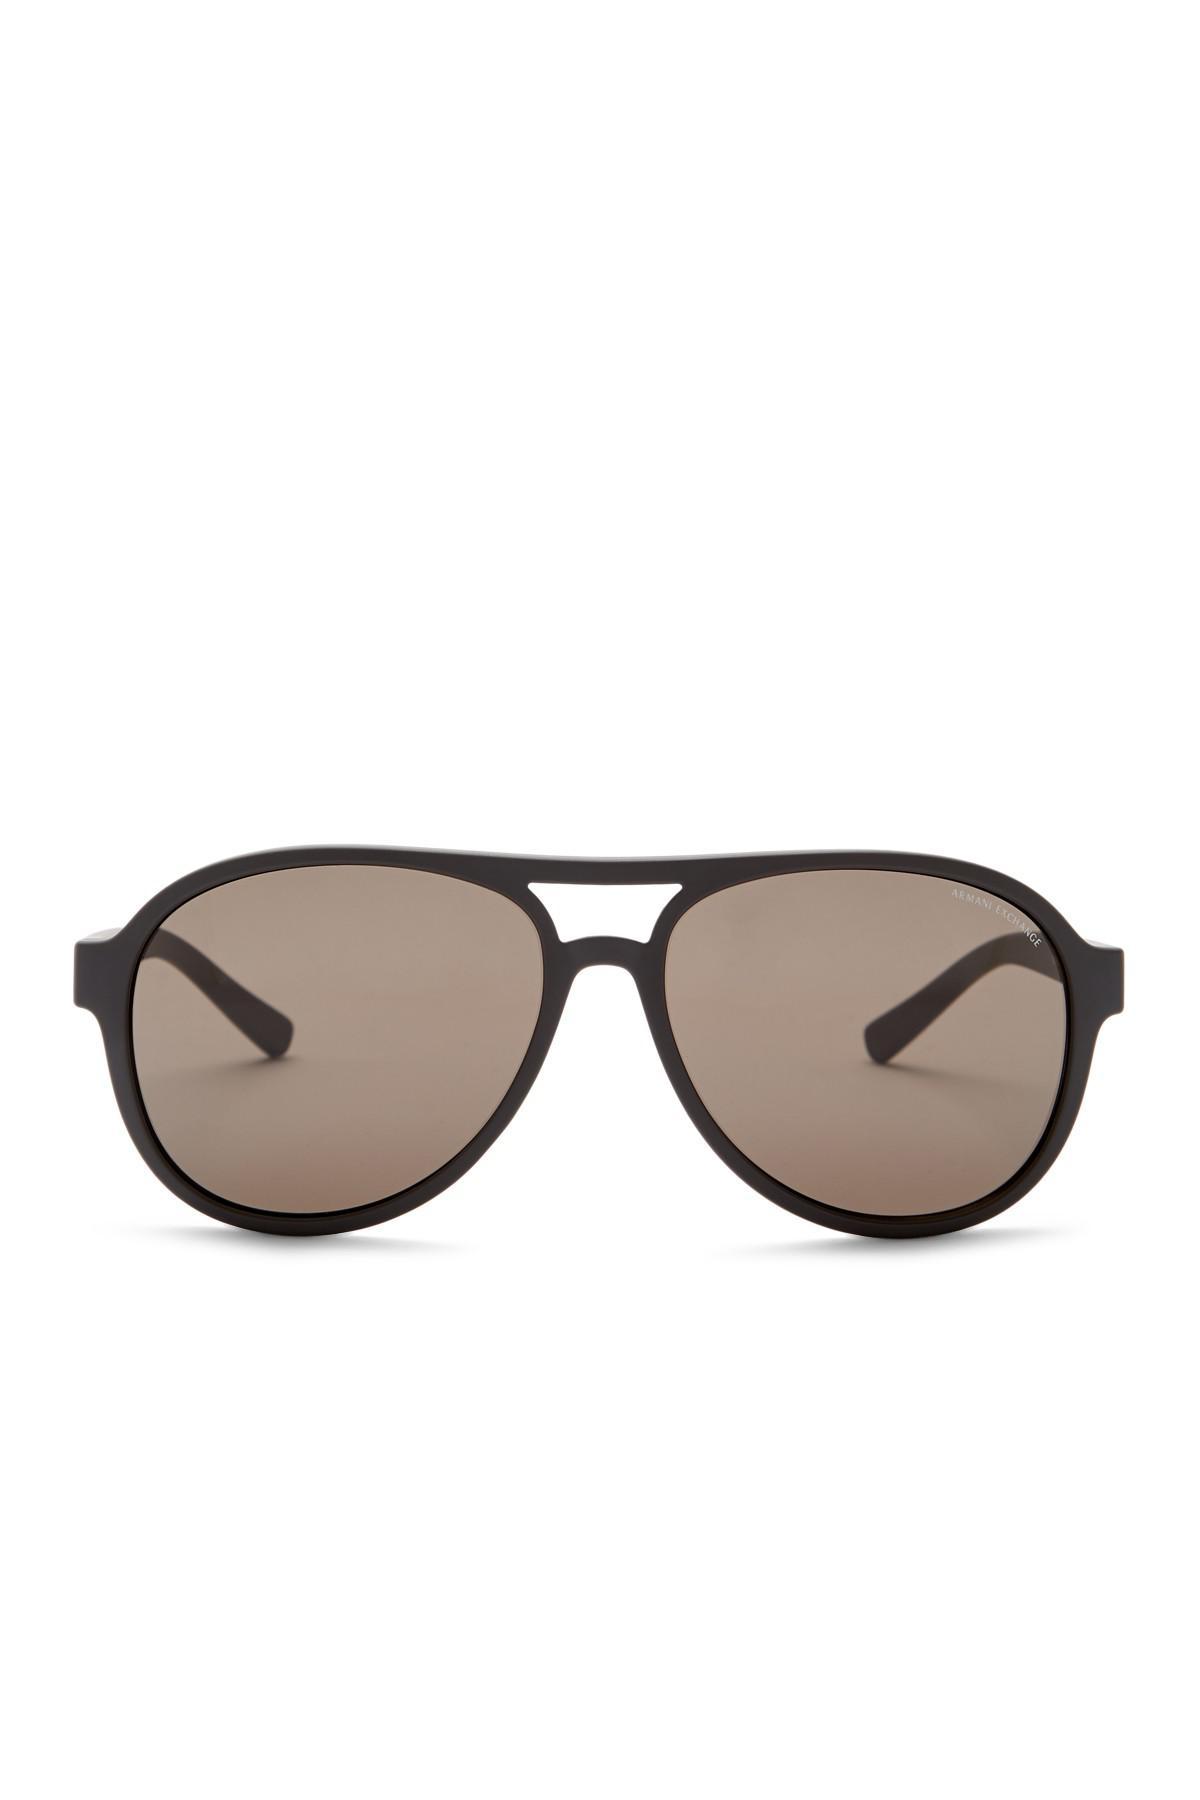 e167f2e62b8e Lyst - Armani Exchange 58mm Aviator Sunglasses in Brown for Men